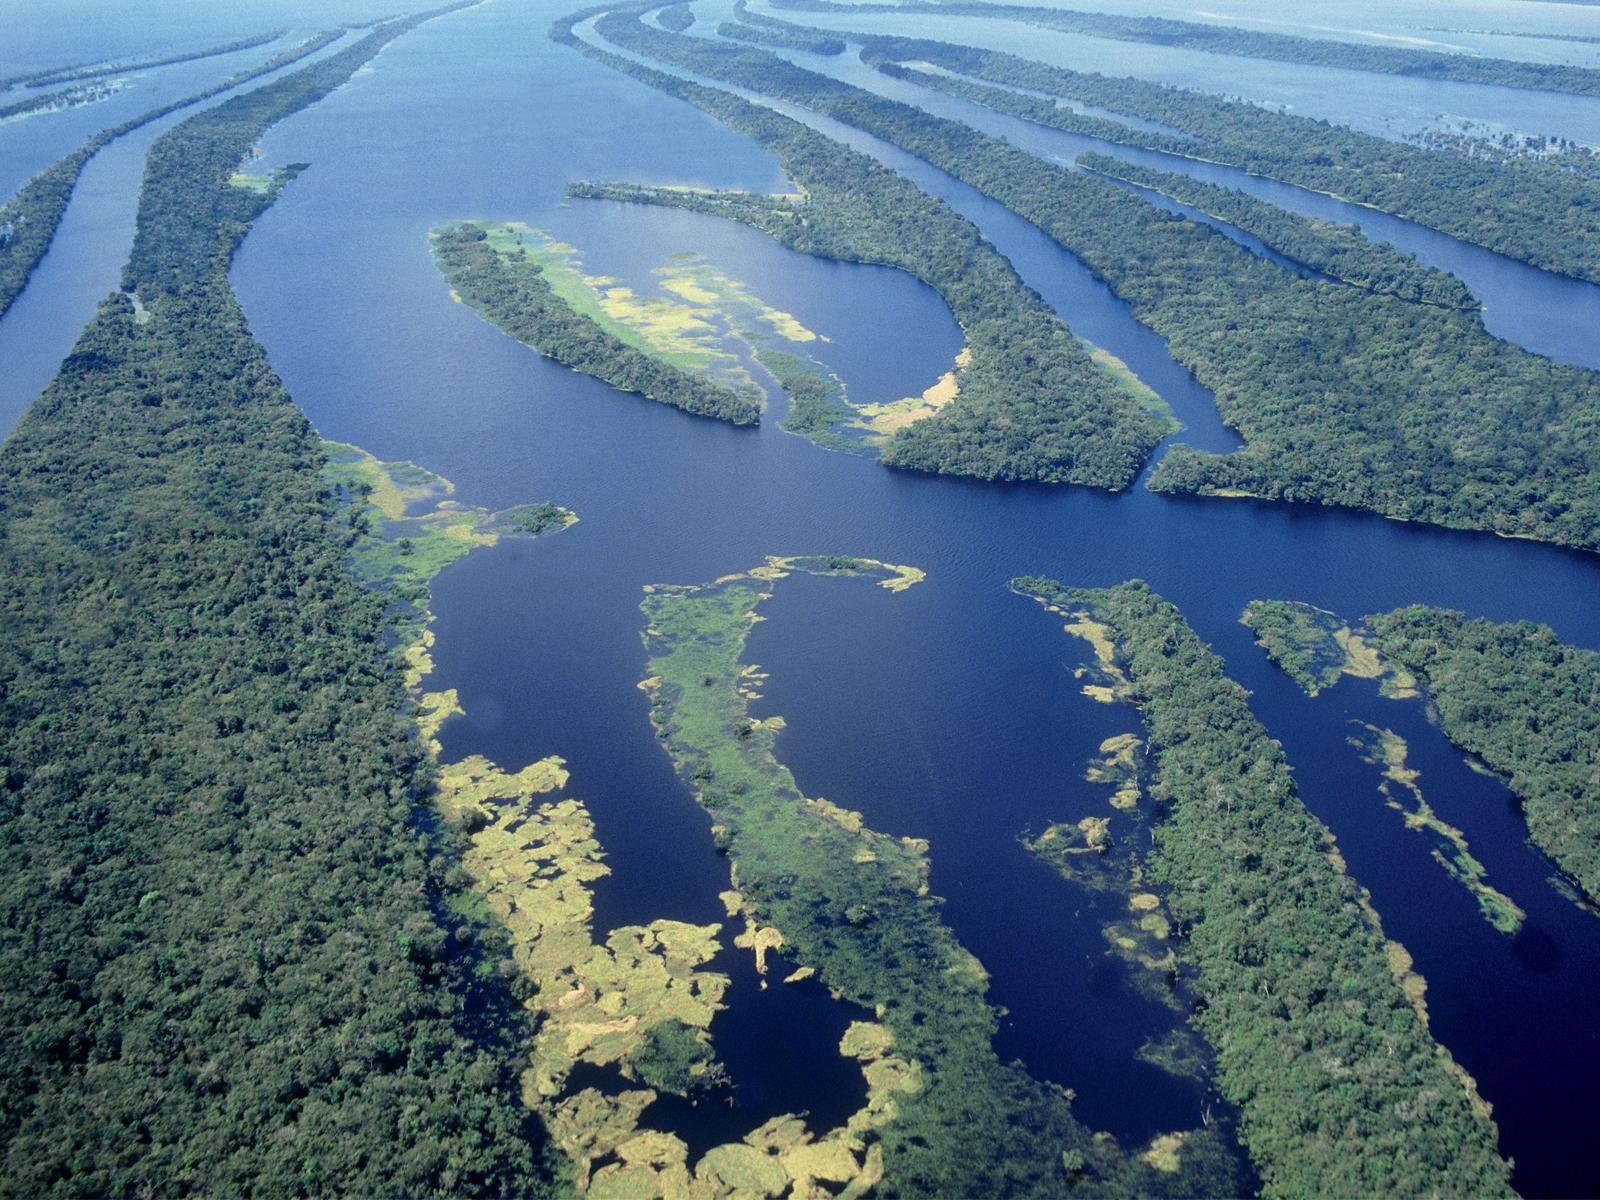 Quatrocentos anos de evangelização na Amazônia